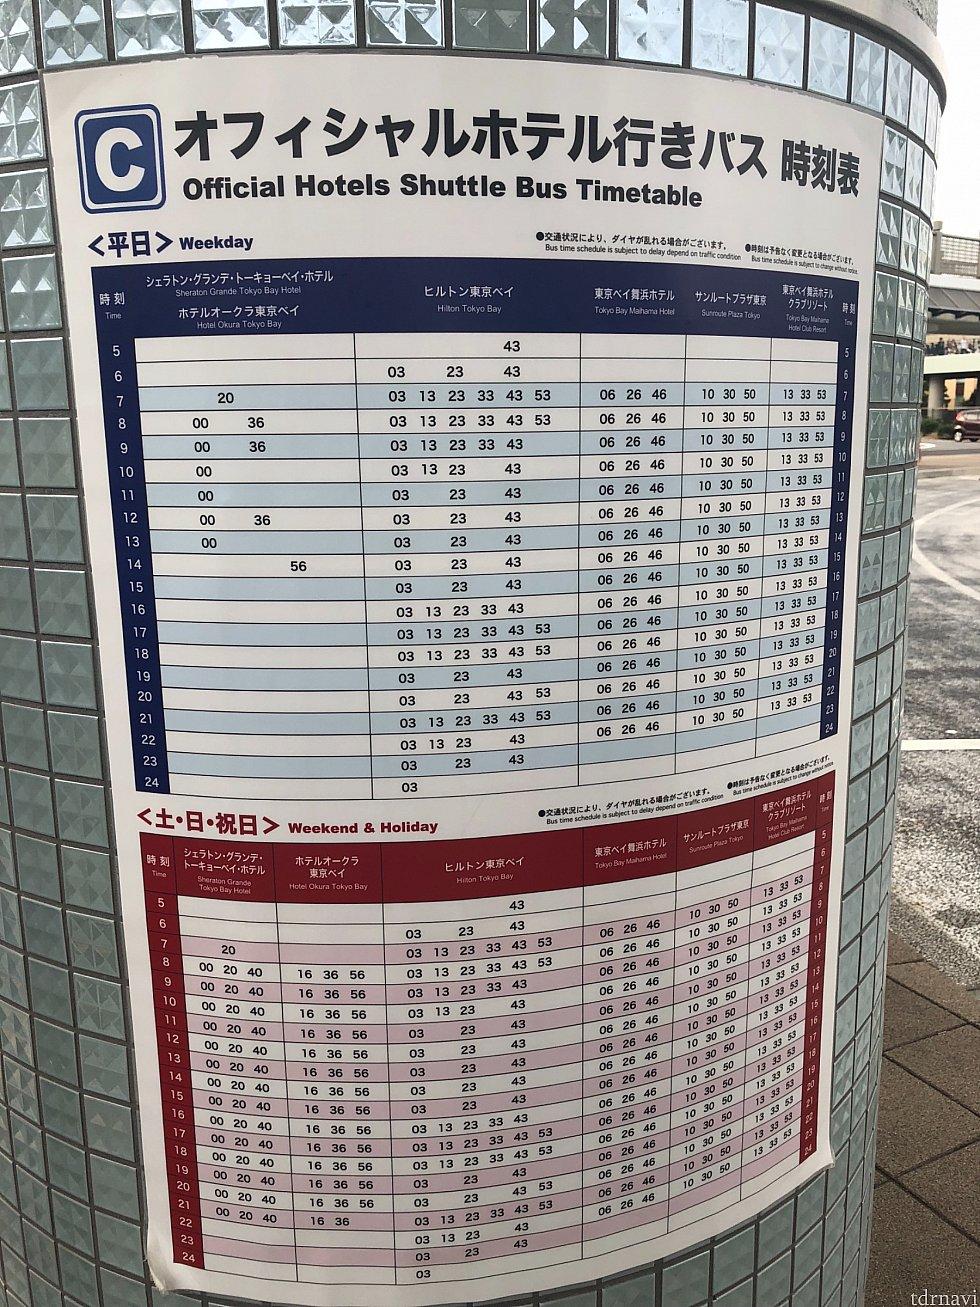 土日は舞浜駅から 無料送迎バスの本数も結構あります。